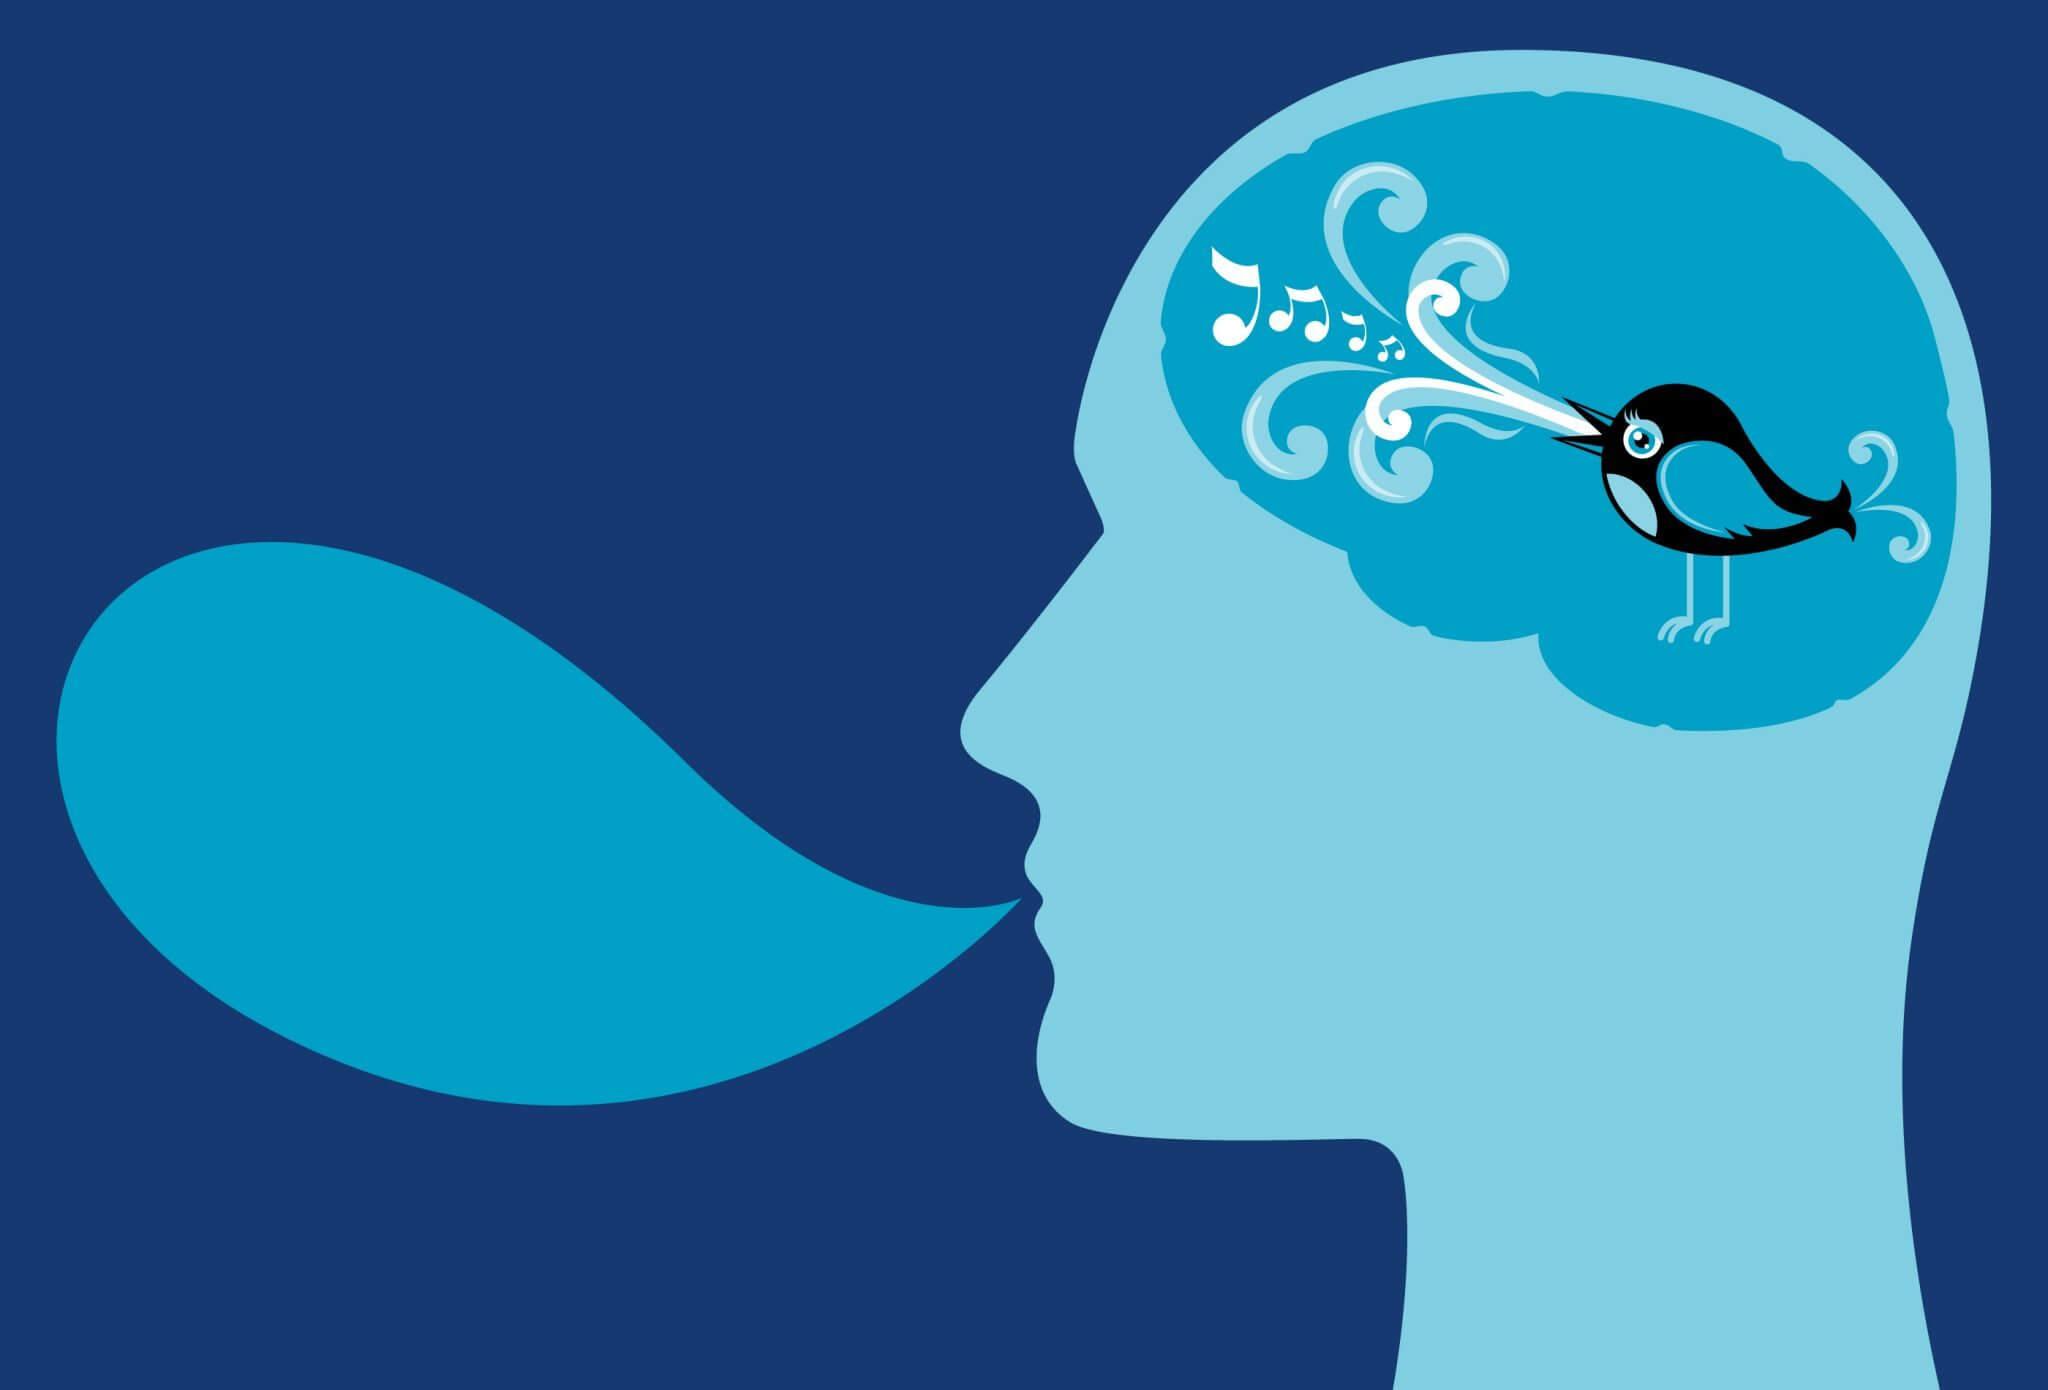 smt twitter capa - Twitter quebra o limite de 140 caracteres para mensagens diretas